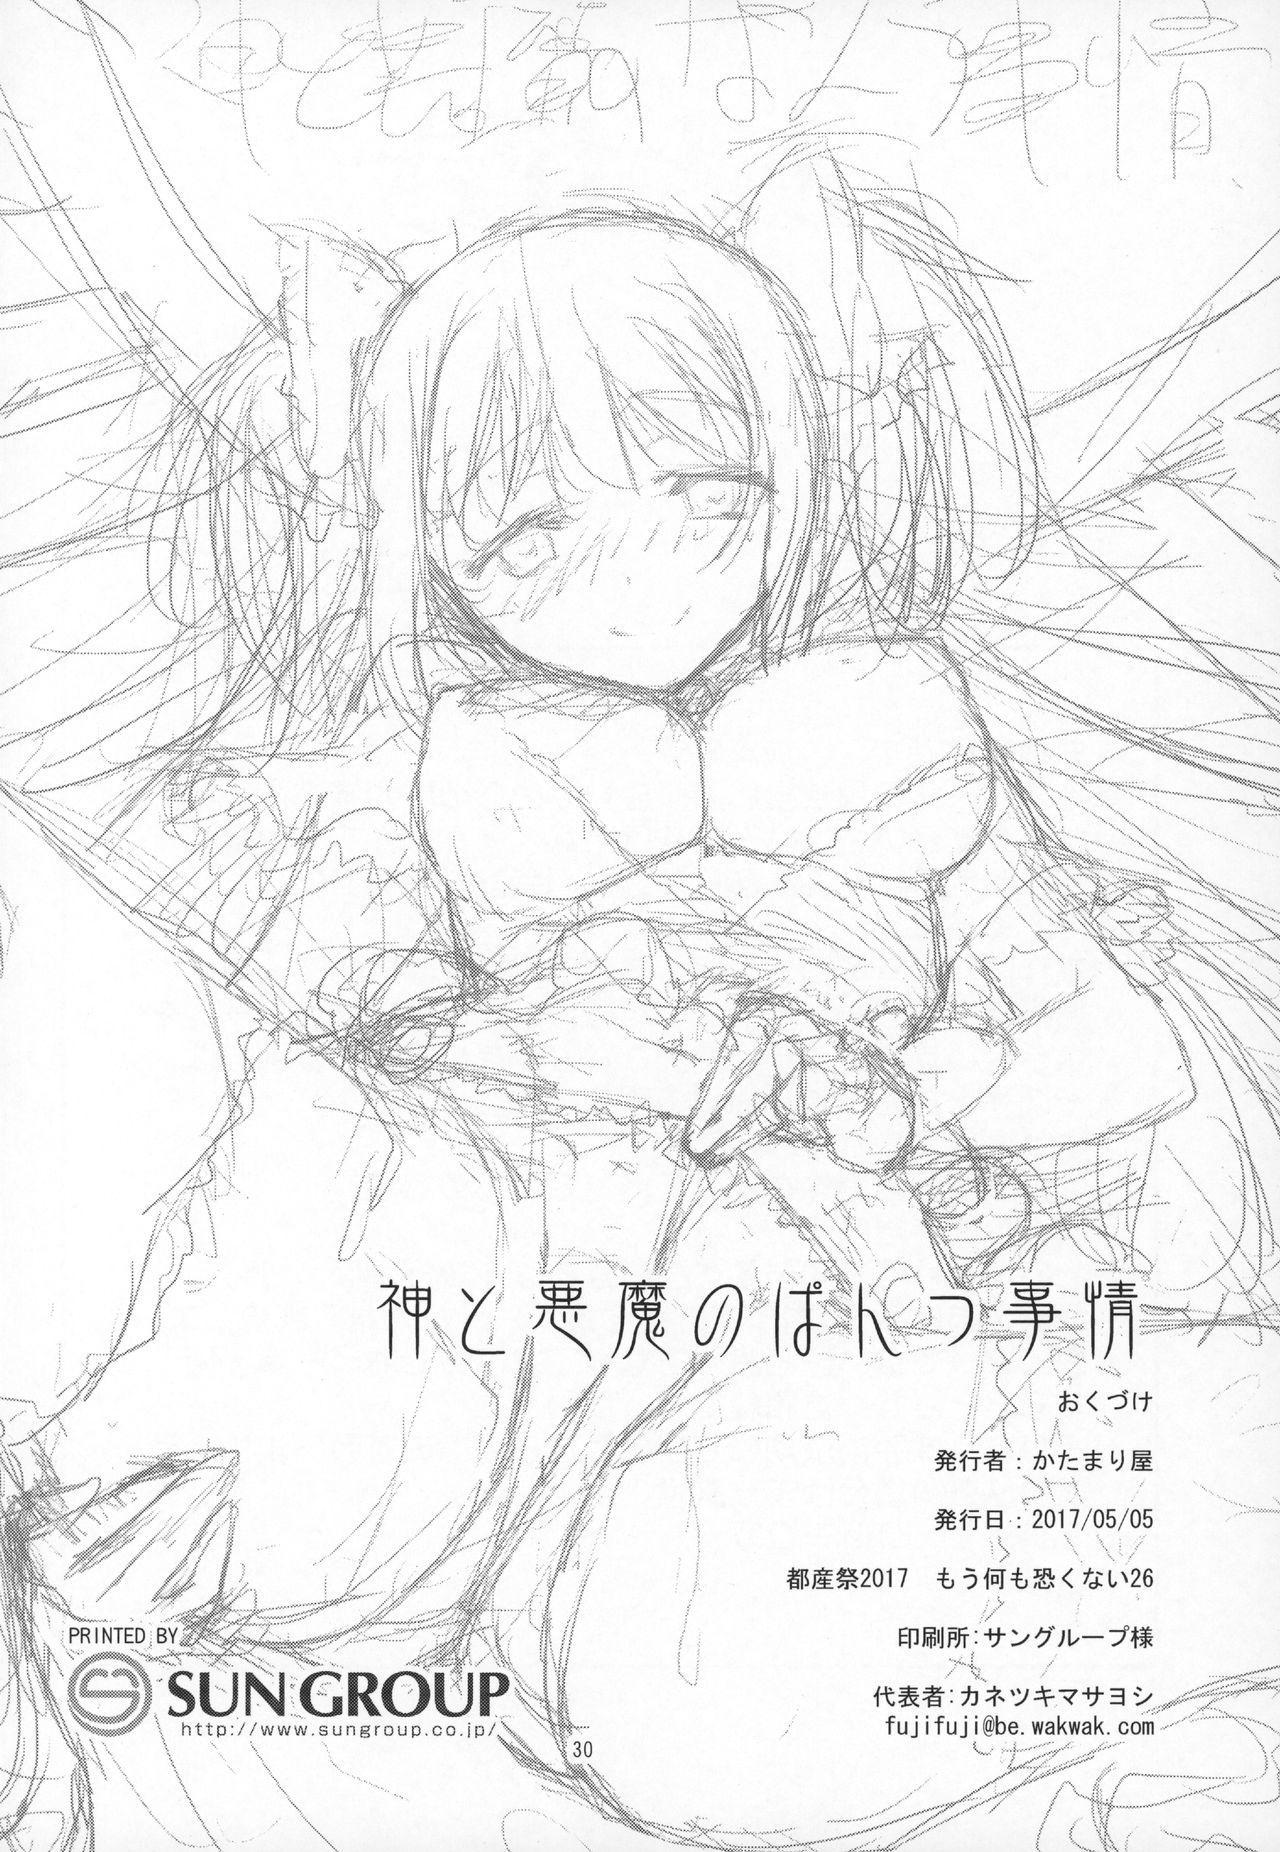 Kami to Akuma no Pantsu Jijou | The God and Devil Panty Situation 26